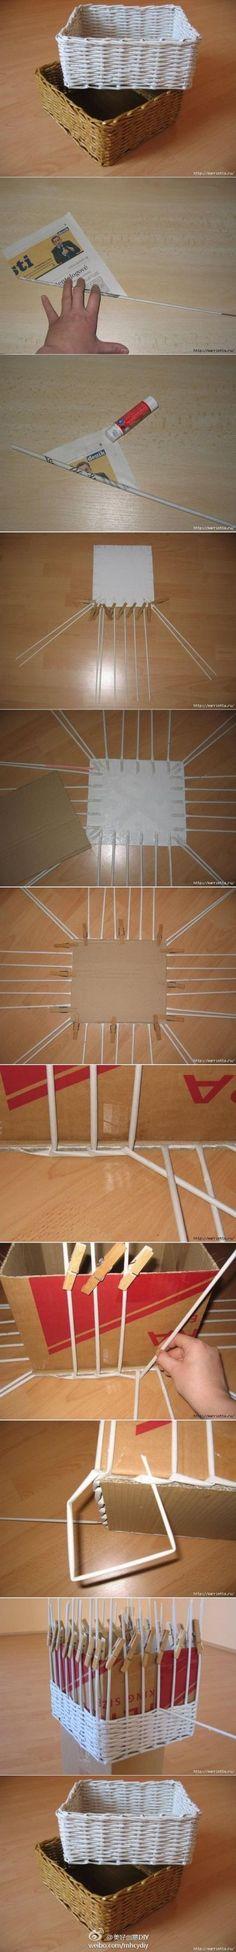 自己动手编篮子吧!!图片来自网络——更多有趣内容,请关注@美好创意DIY (http://t.cn/zOR4l2D)